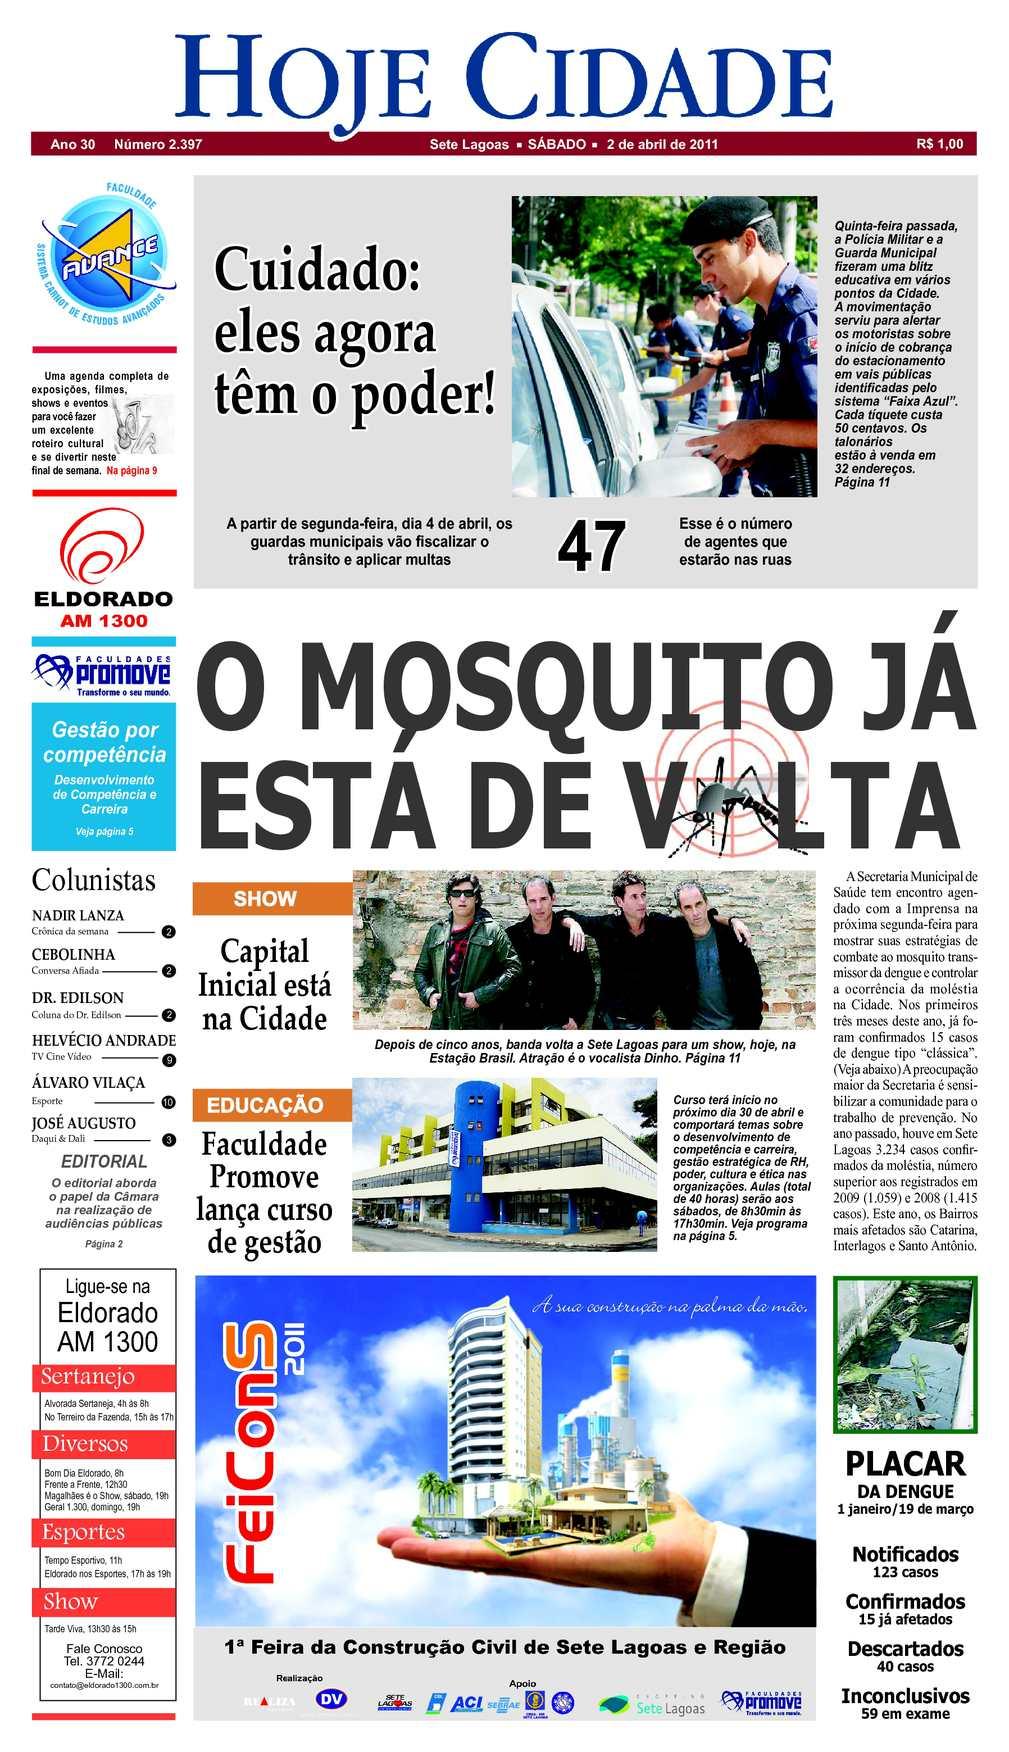 d303d09b8 Calaméo - Jornal Hoje Cidade 02-04-11